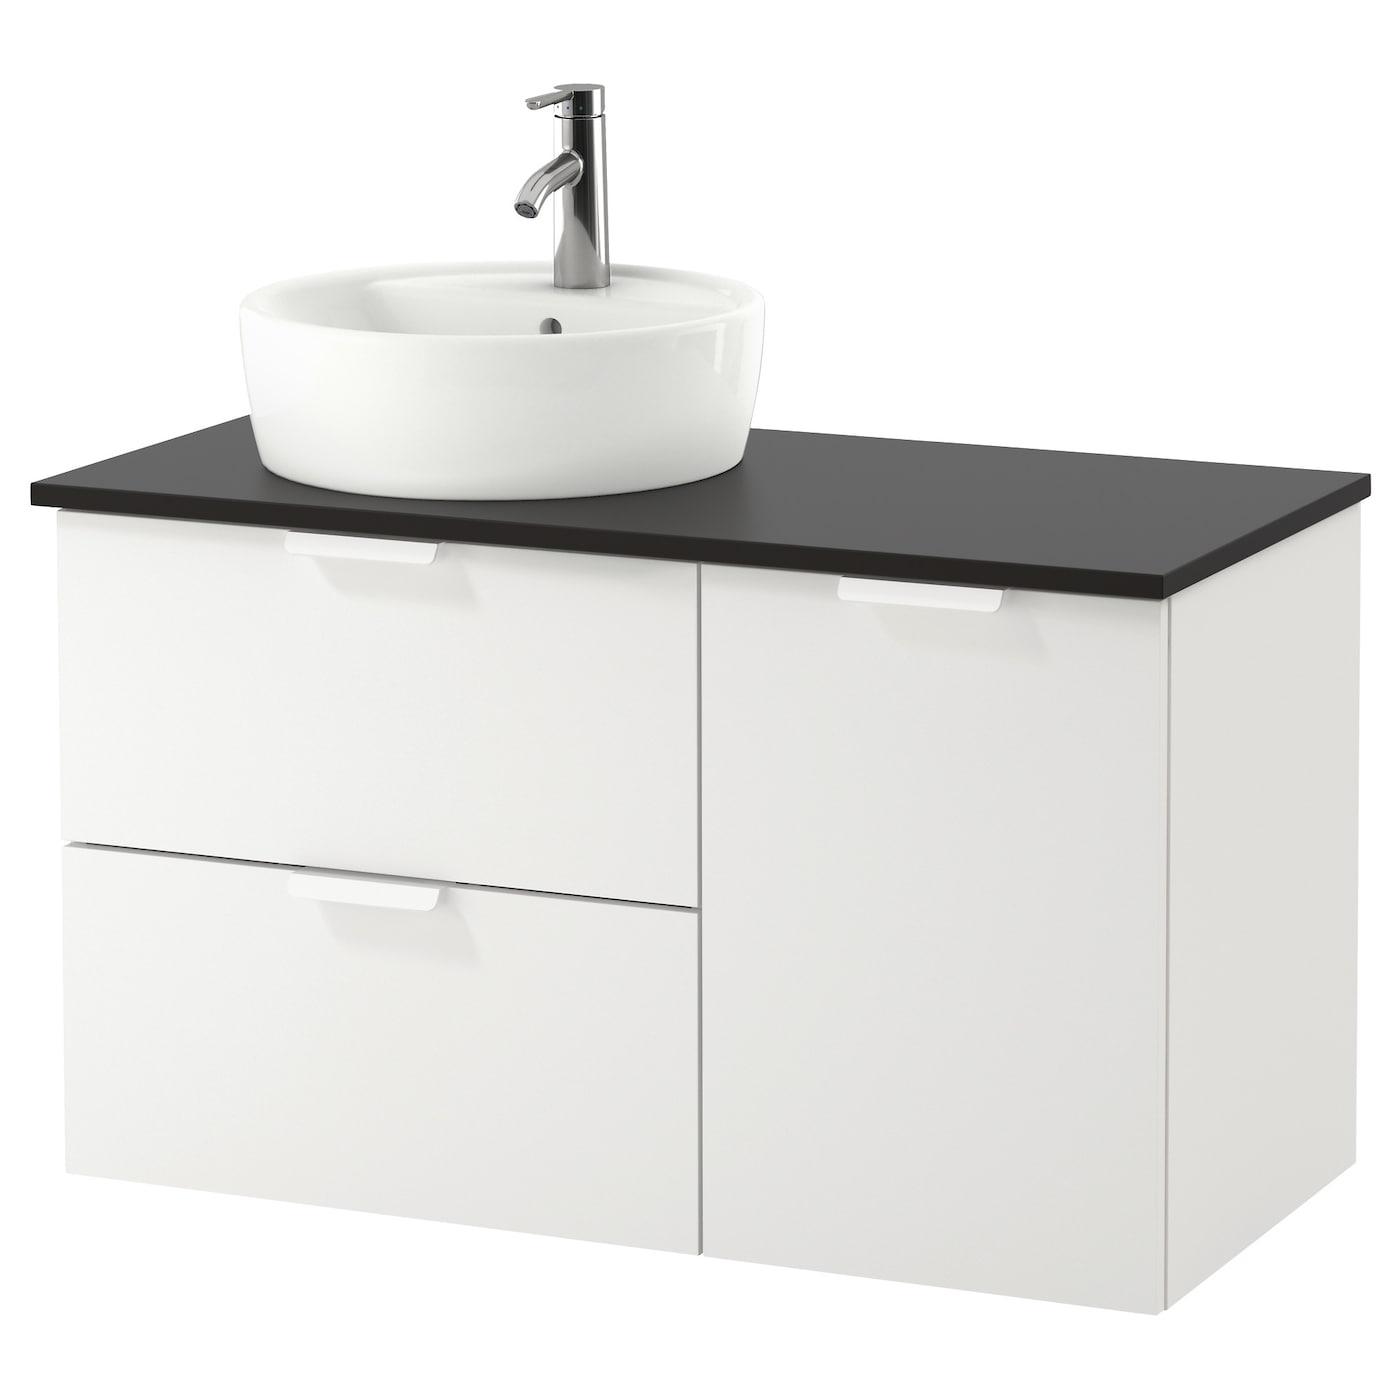 Muebles de ba o y lavabo compra online ikea Muebles de lavabo online